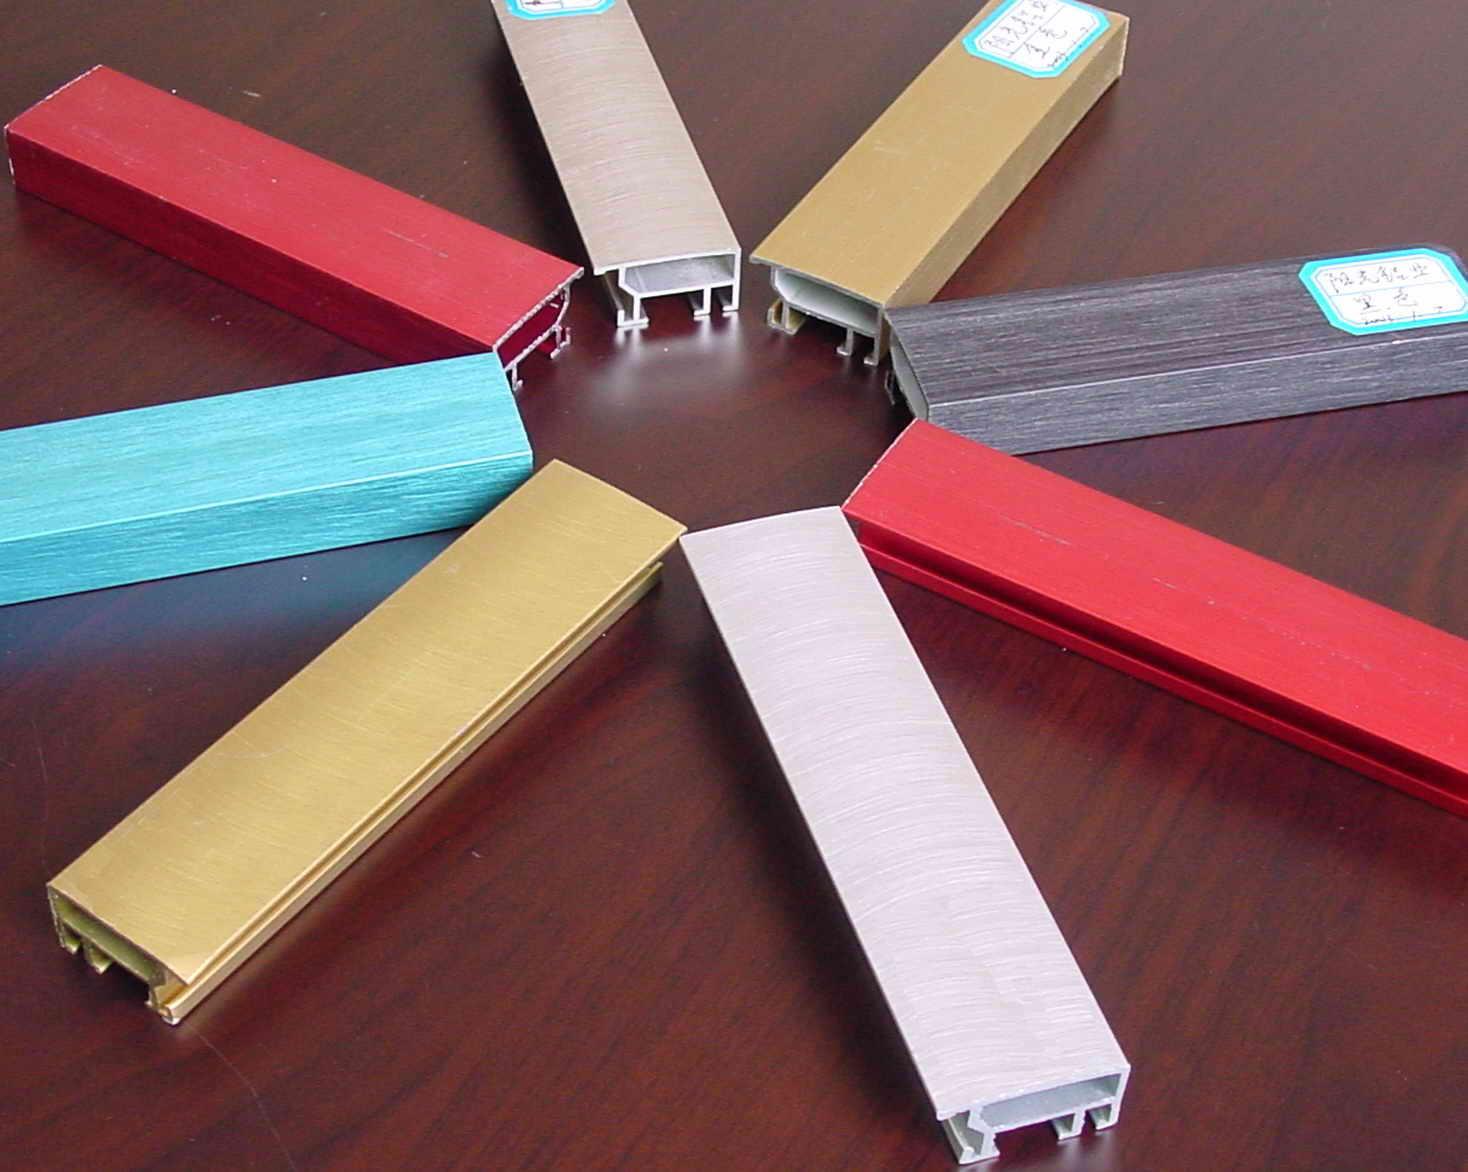 #B11A29 cores de perfil de alumínio anodizado Perfis de Alumínio ID do  1278 Preço De Janela De Alumínio Anodizado